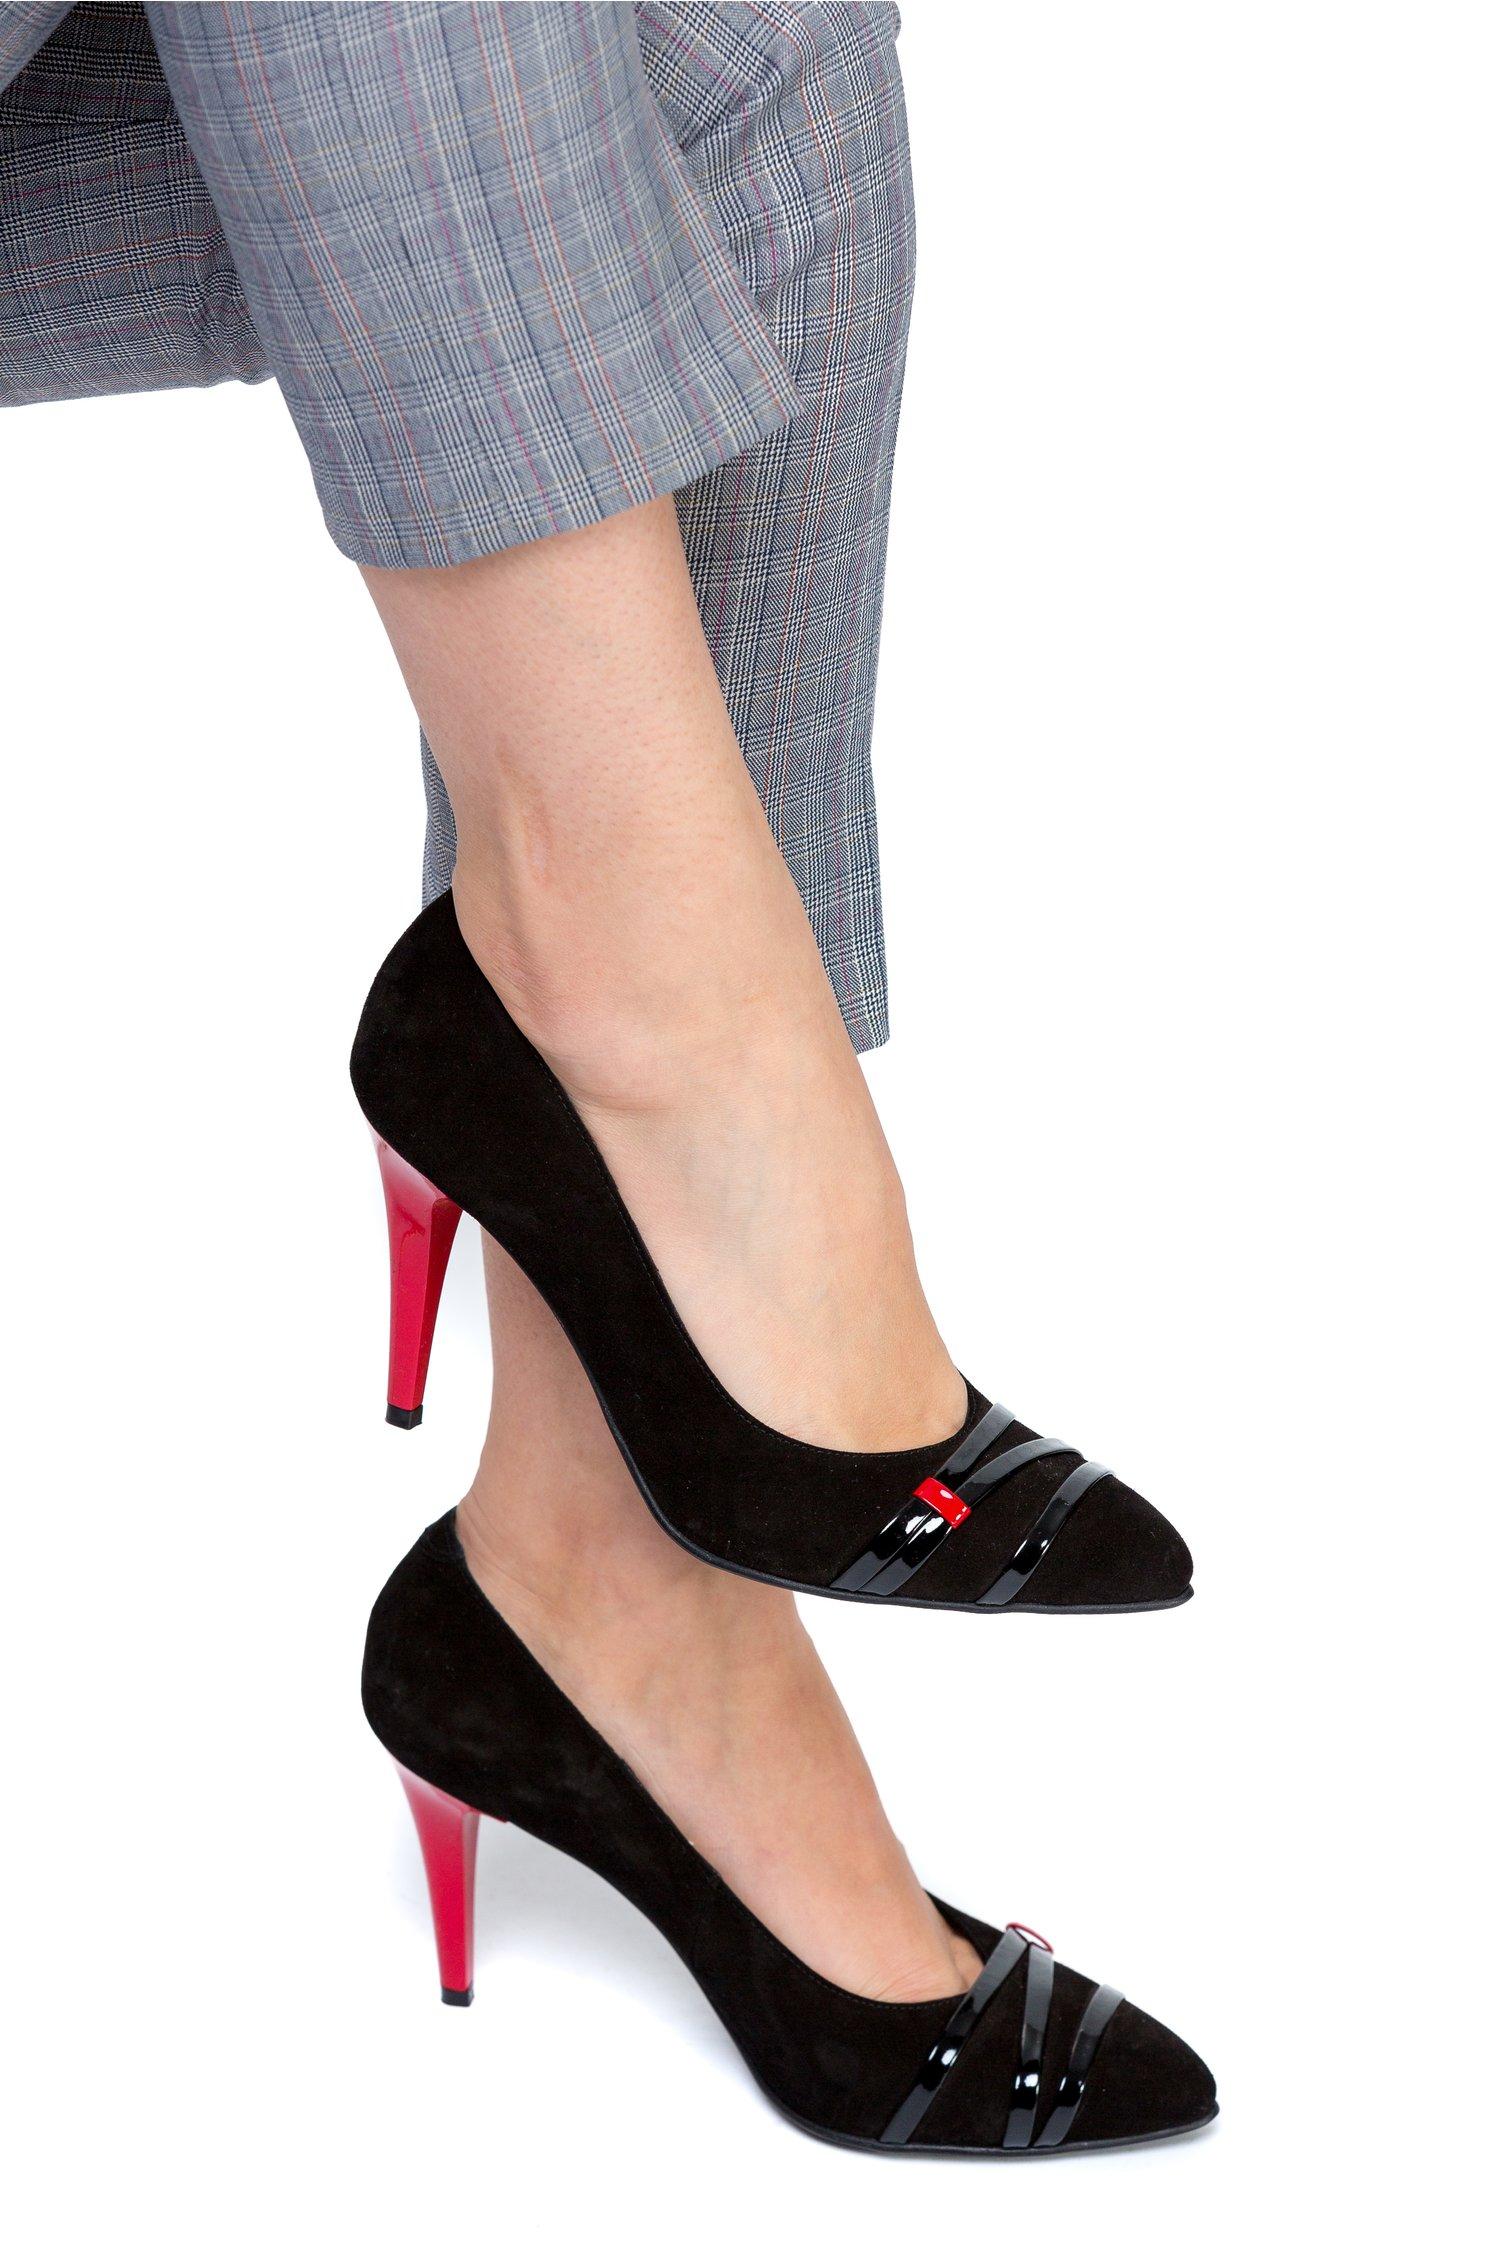 Pantofi stiletto negri cu toc rosu de ocazie